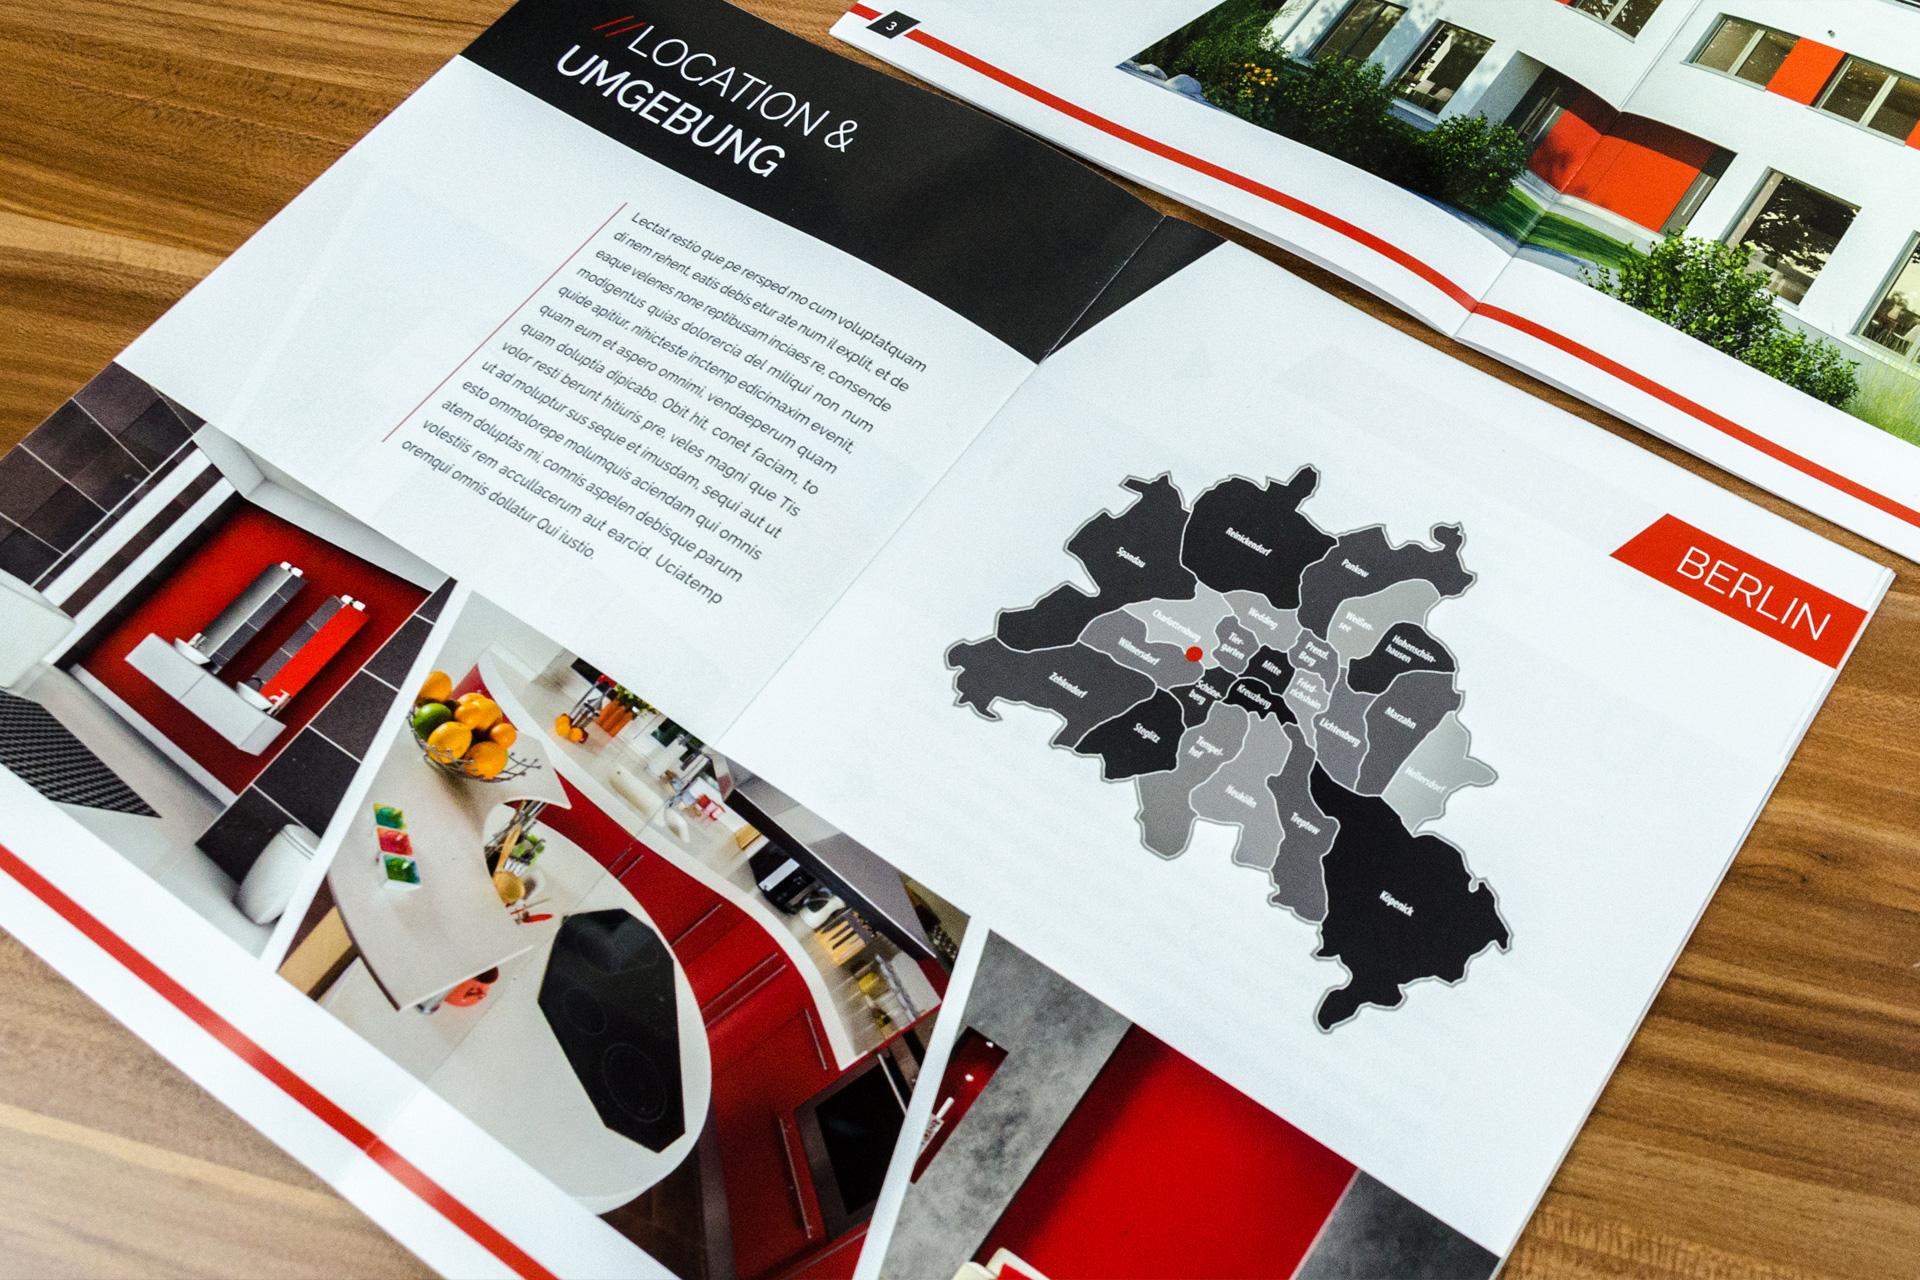 Broschüre gestalten mit InDesign » Video-Tutorial